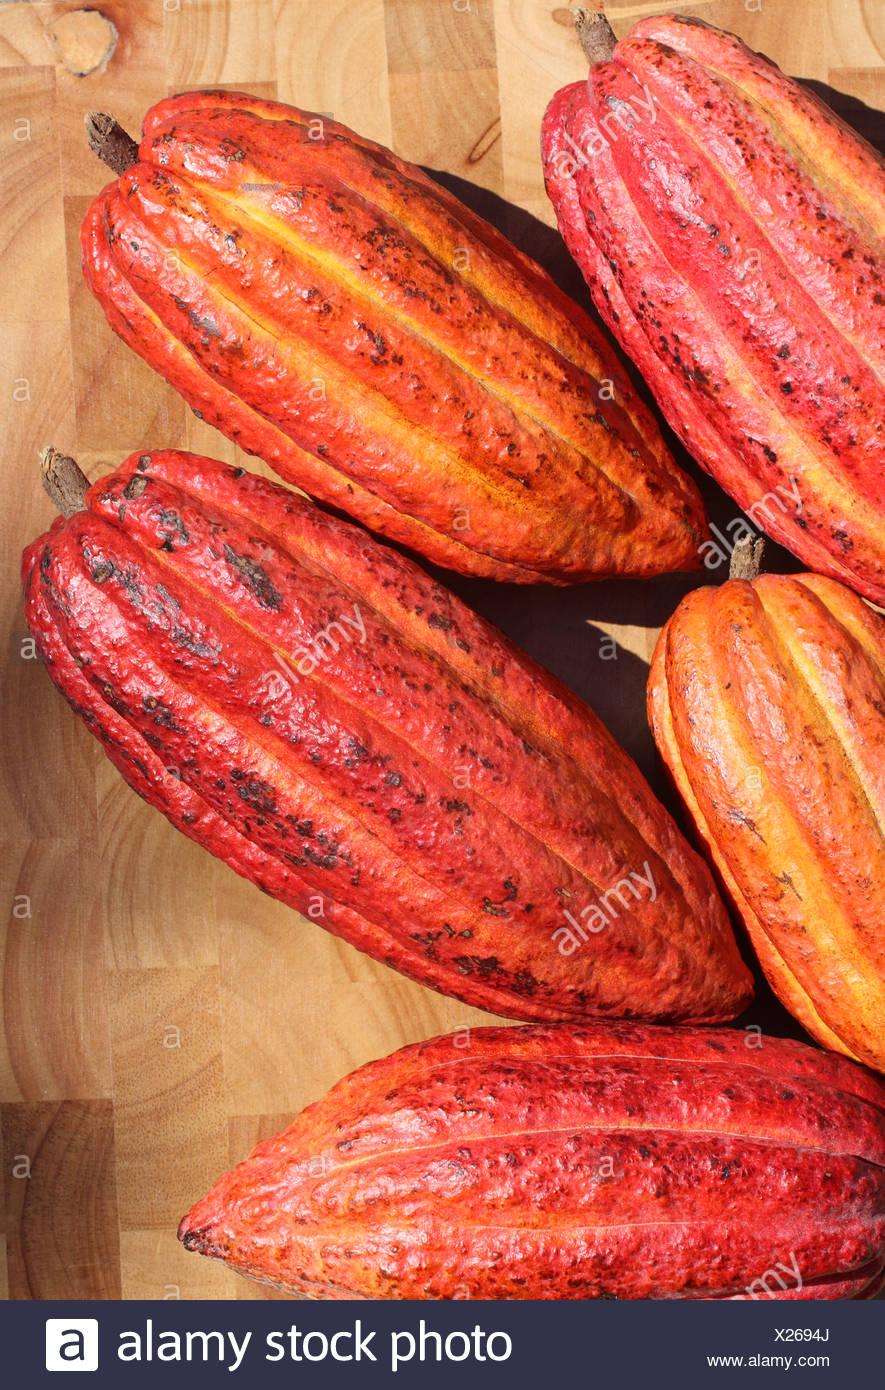 La Grenade. Close-up of ripe Cacao (Cocoa) fruits. Photo Stock